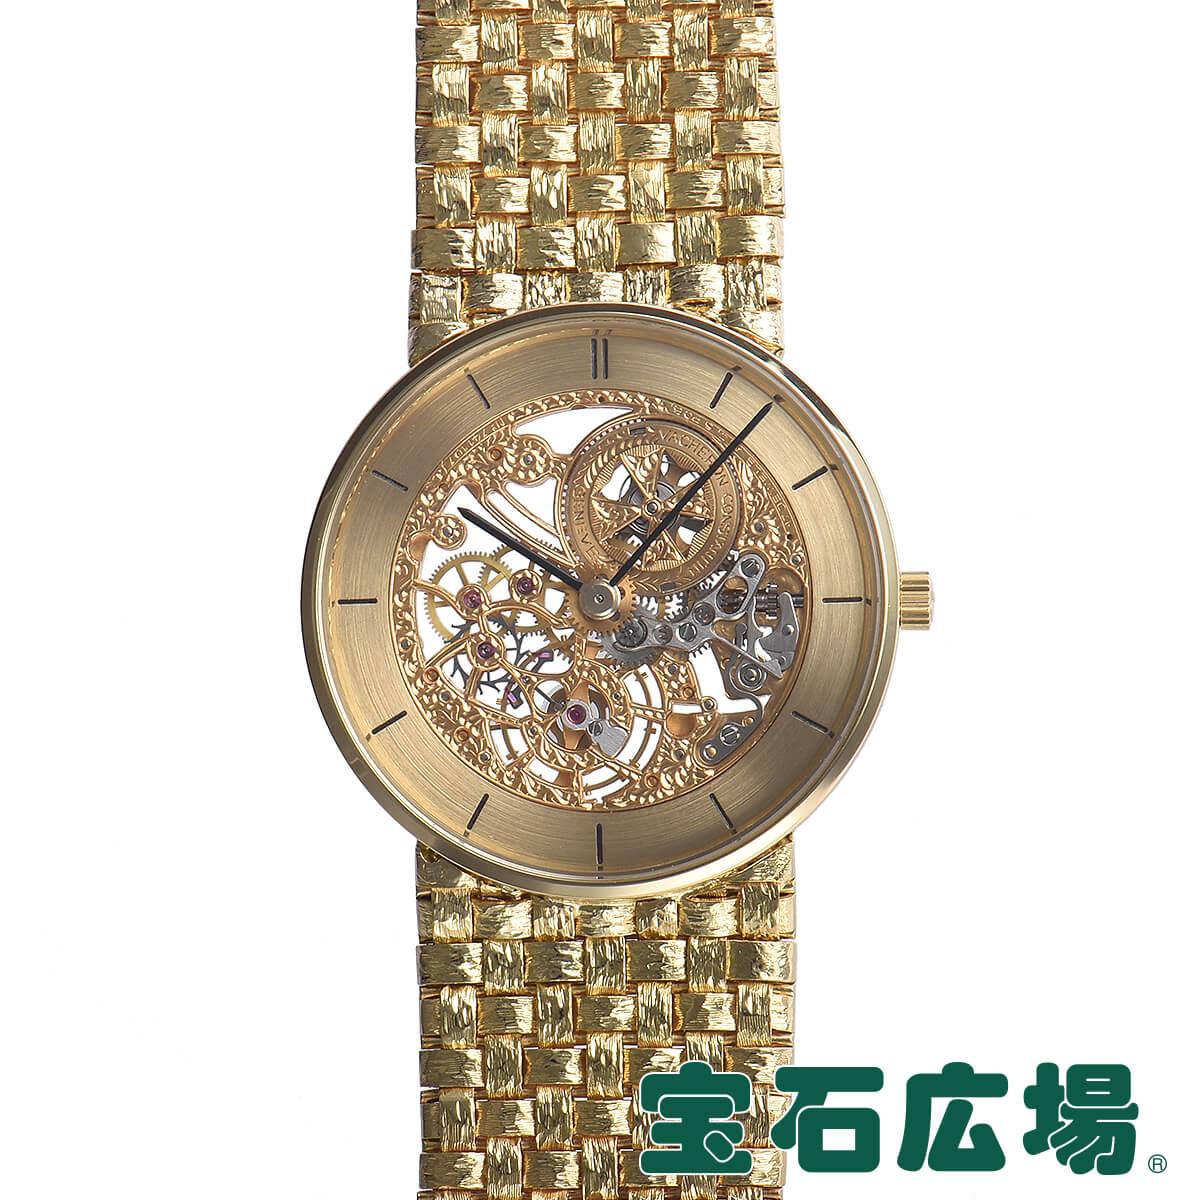 【中古】メンズ VACHERON スケルトン 腕時計 CONSTANTIN ヴァシュロンコンスタンタン 送料無料